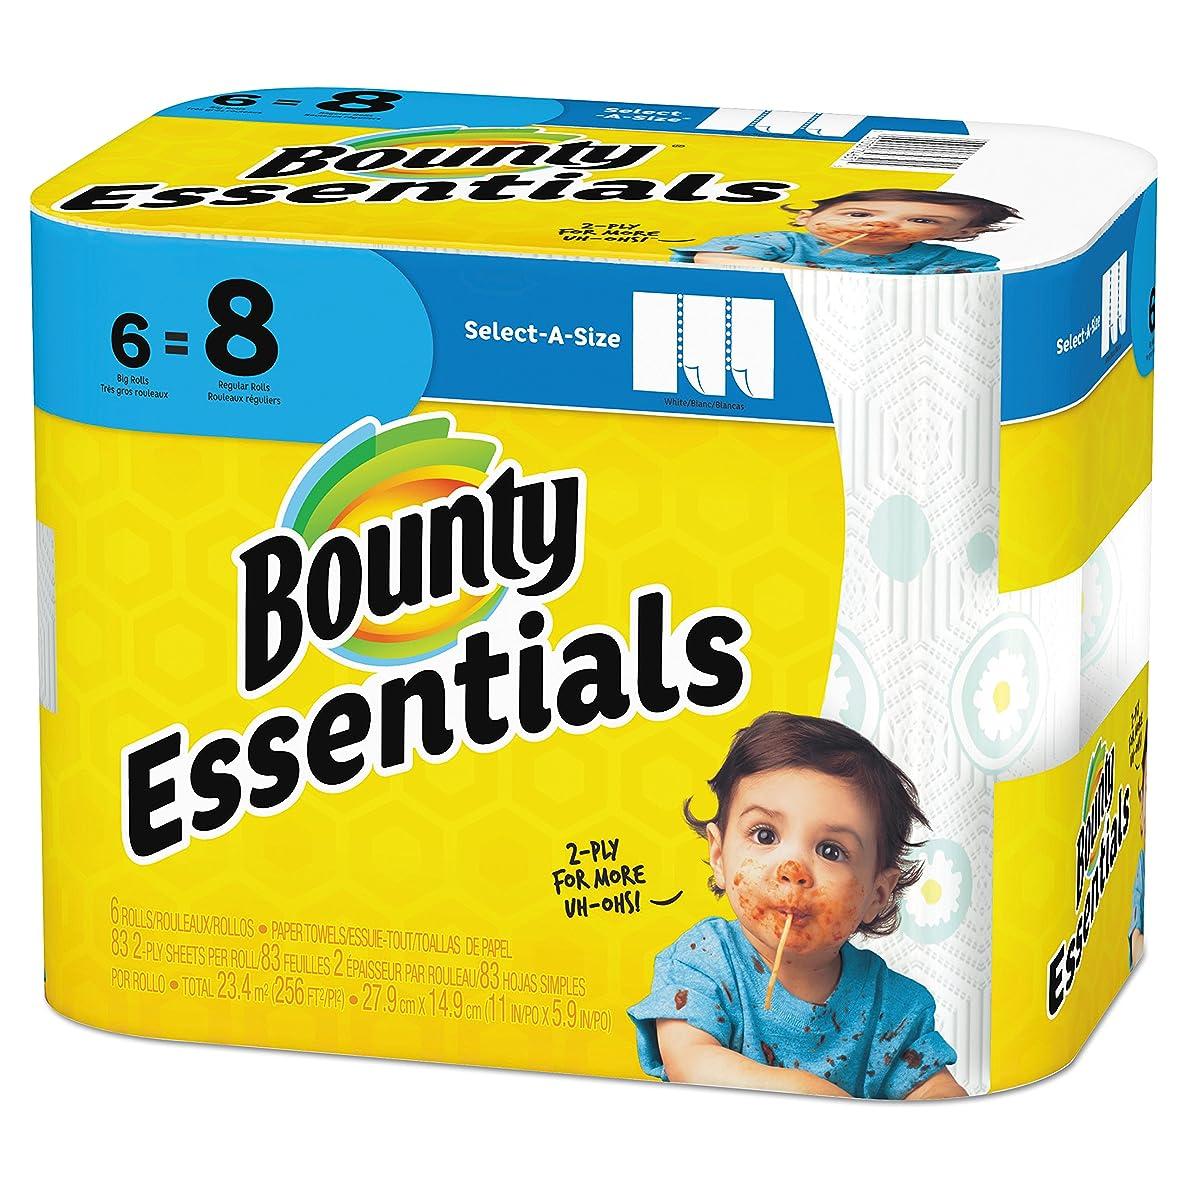 保守可能叱る空中Bounty Basic Select-a-Size Paper Towels, 5 9/10 x 11, 1-Ply, 95/Roll, 6 Roll/Pack by Bounty